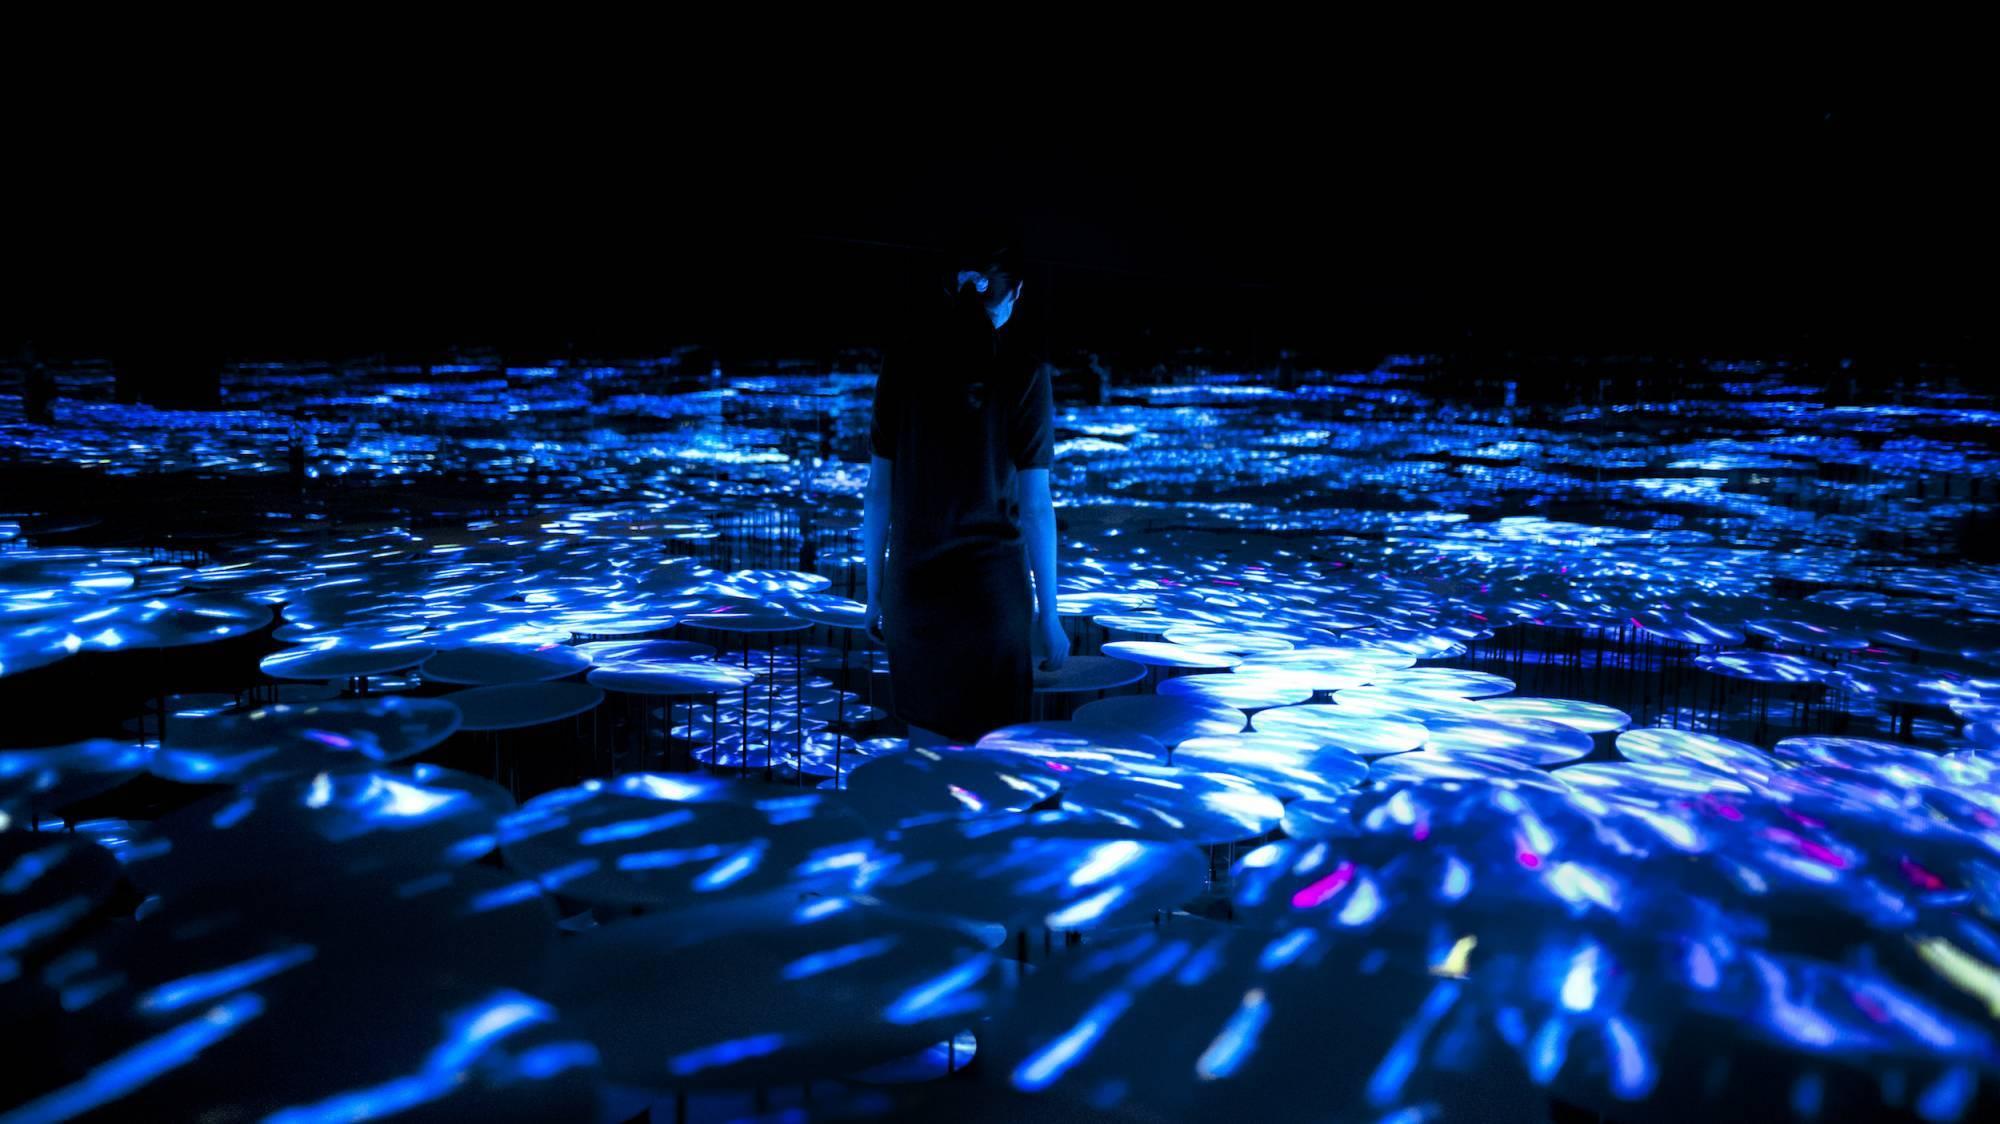 Токио Другая реальность: первый в мире Музей цифровых искусств в Токио 14384